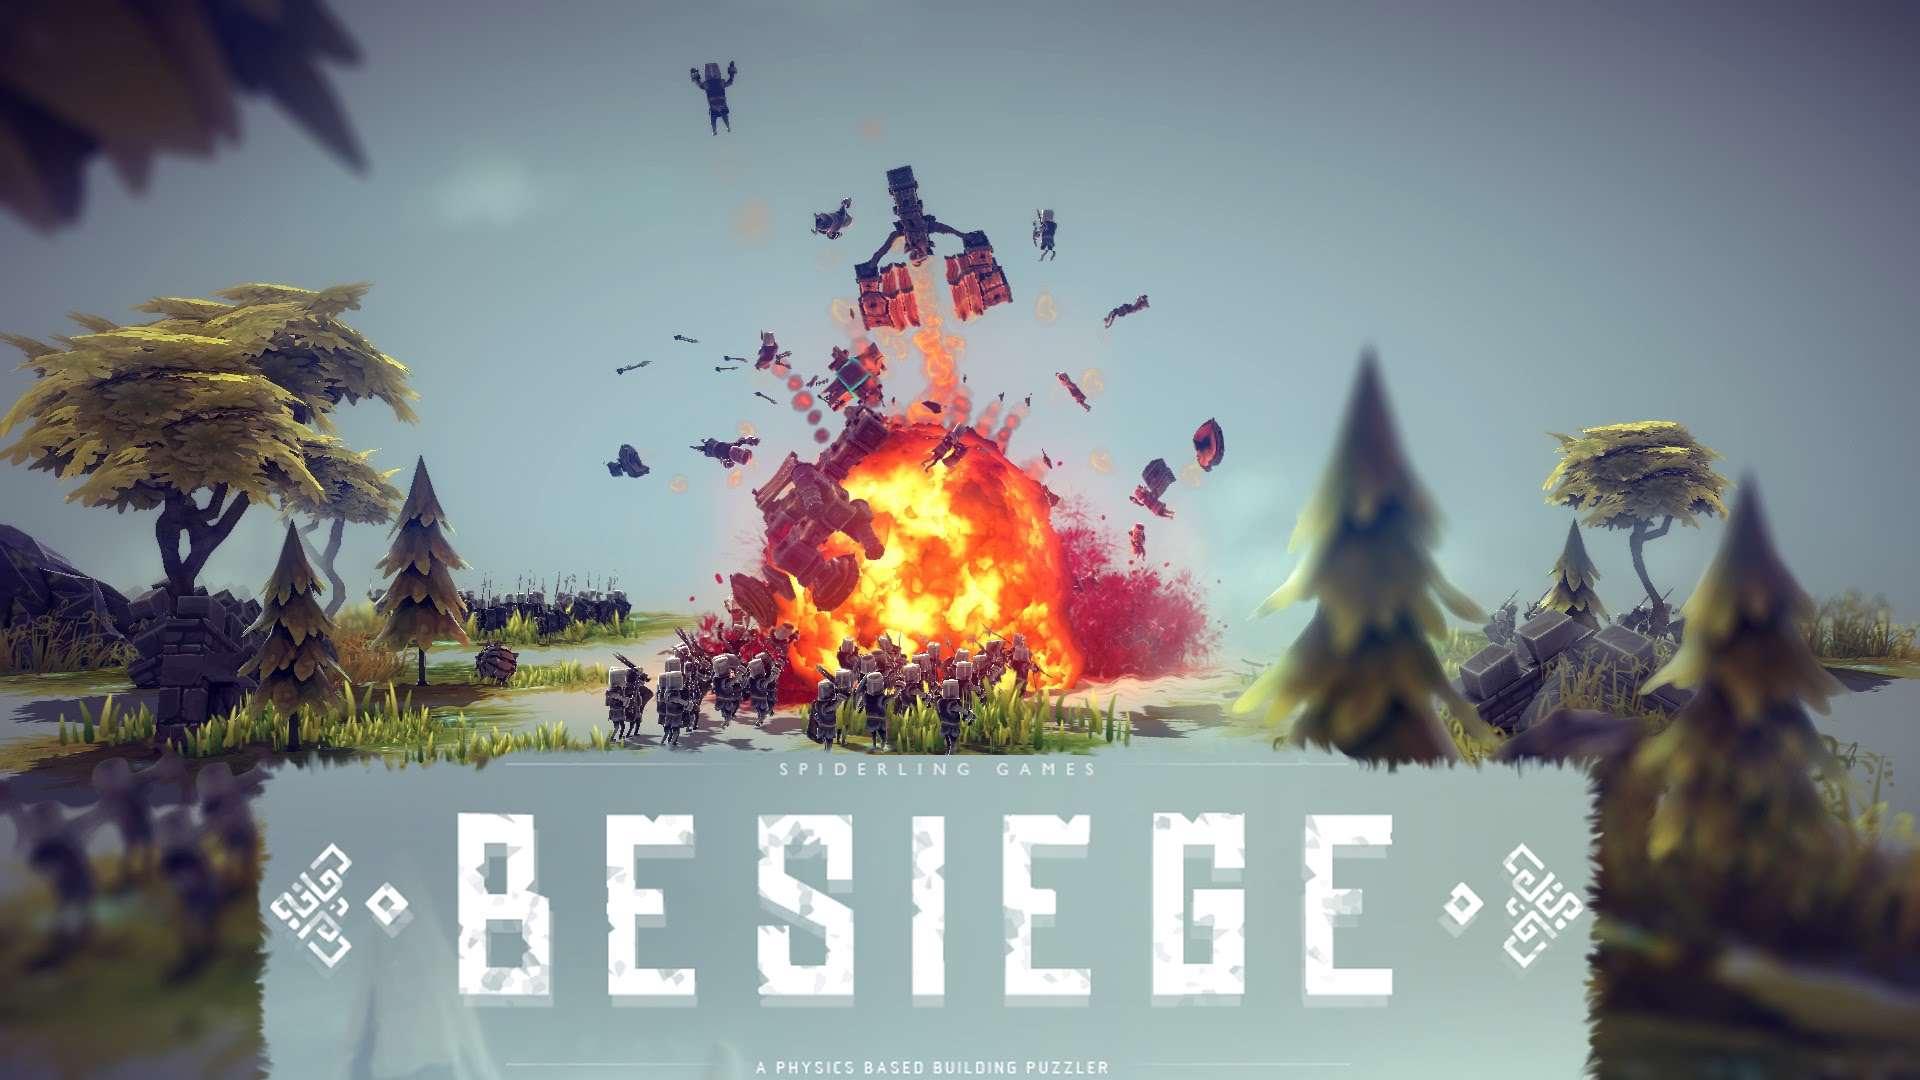 دانلود بازی Besiege 0.30 IGG برای رایانه ، در این بازی طراح ابزار نظامی شوید